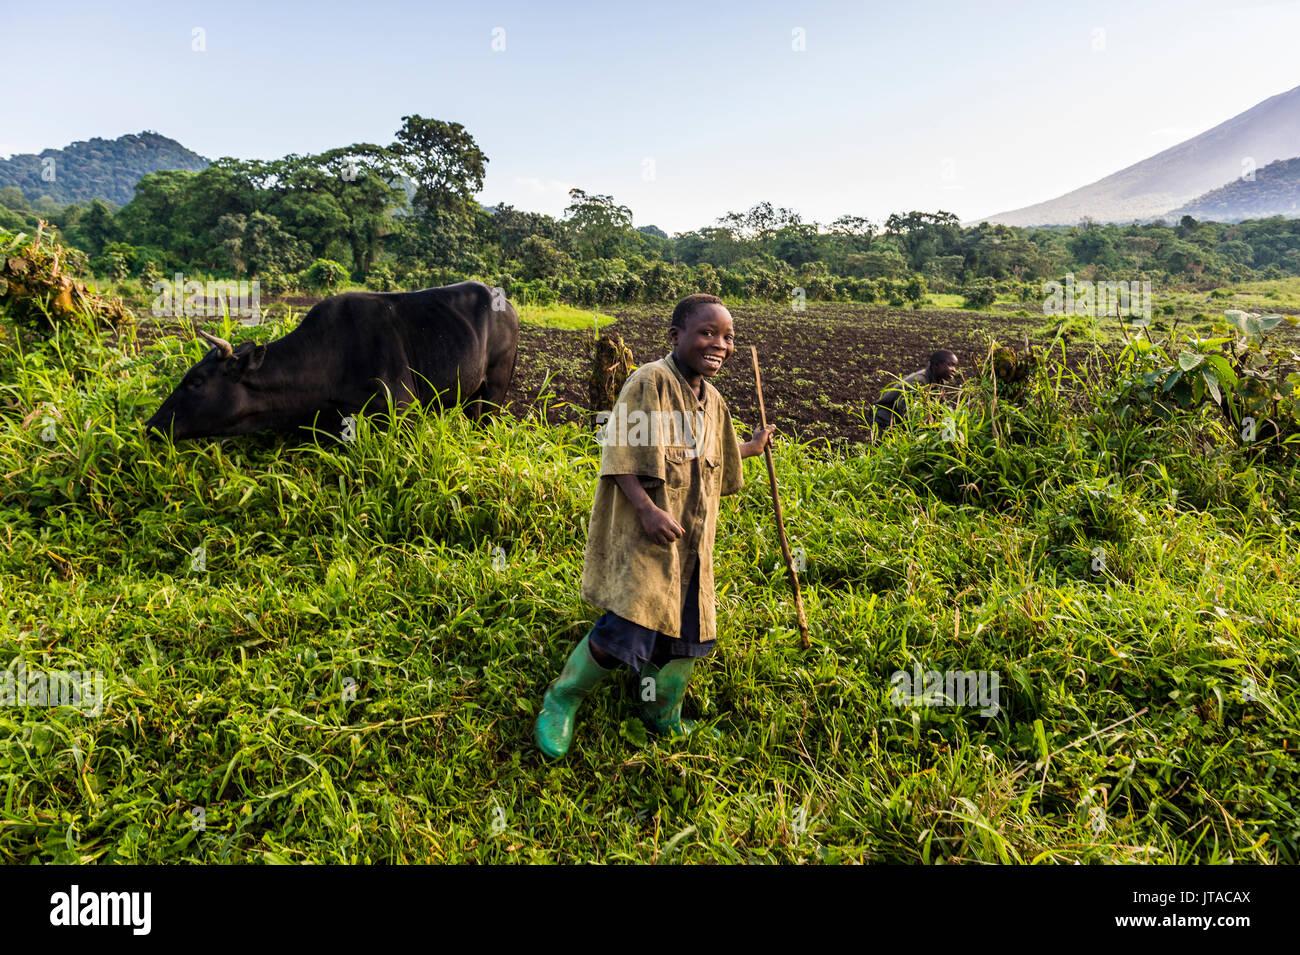 Feliz agricultura joven muchacho, el Parque Nacional de Virunga, en la República Democrática del Congo, África Imagen De Stock